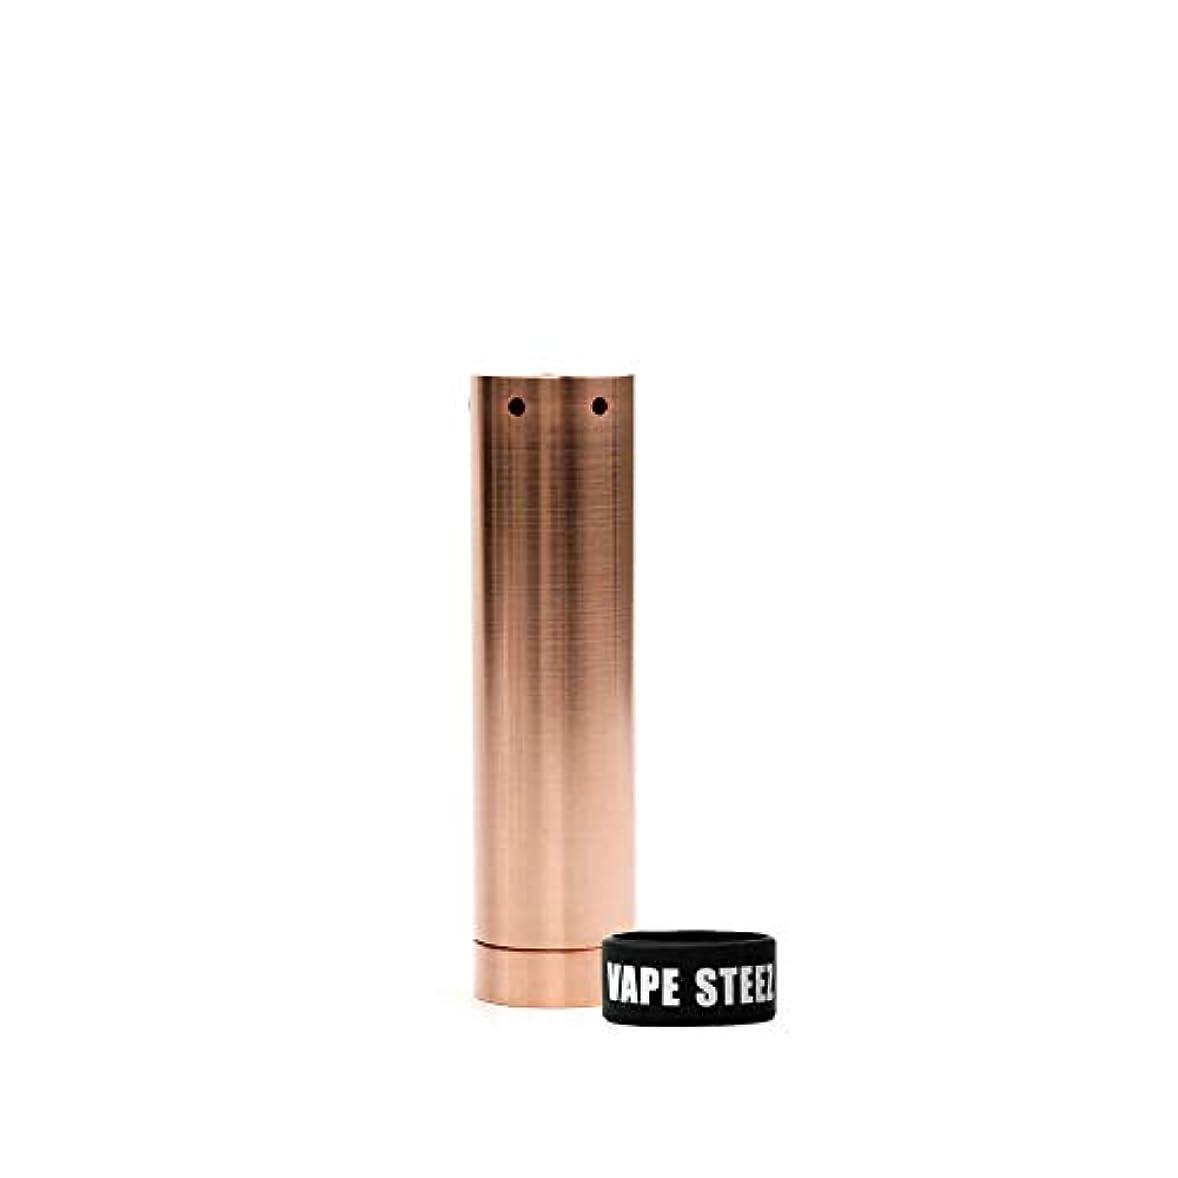 コンパクトワークショップ予測子Kennedy The Vindicator MOD 電子タバコ 正規品 Made in USA VAPESTEEZオリジナルBAND付 (copper(smooth))